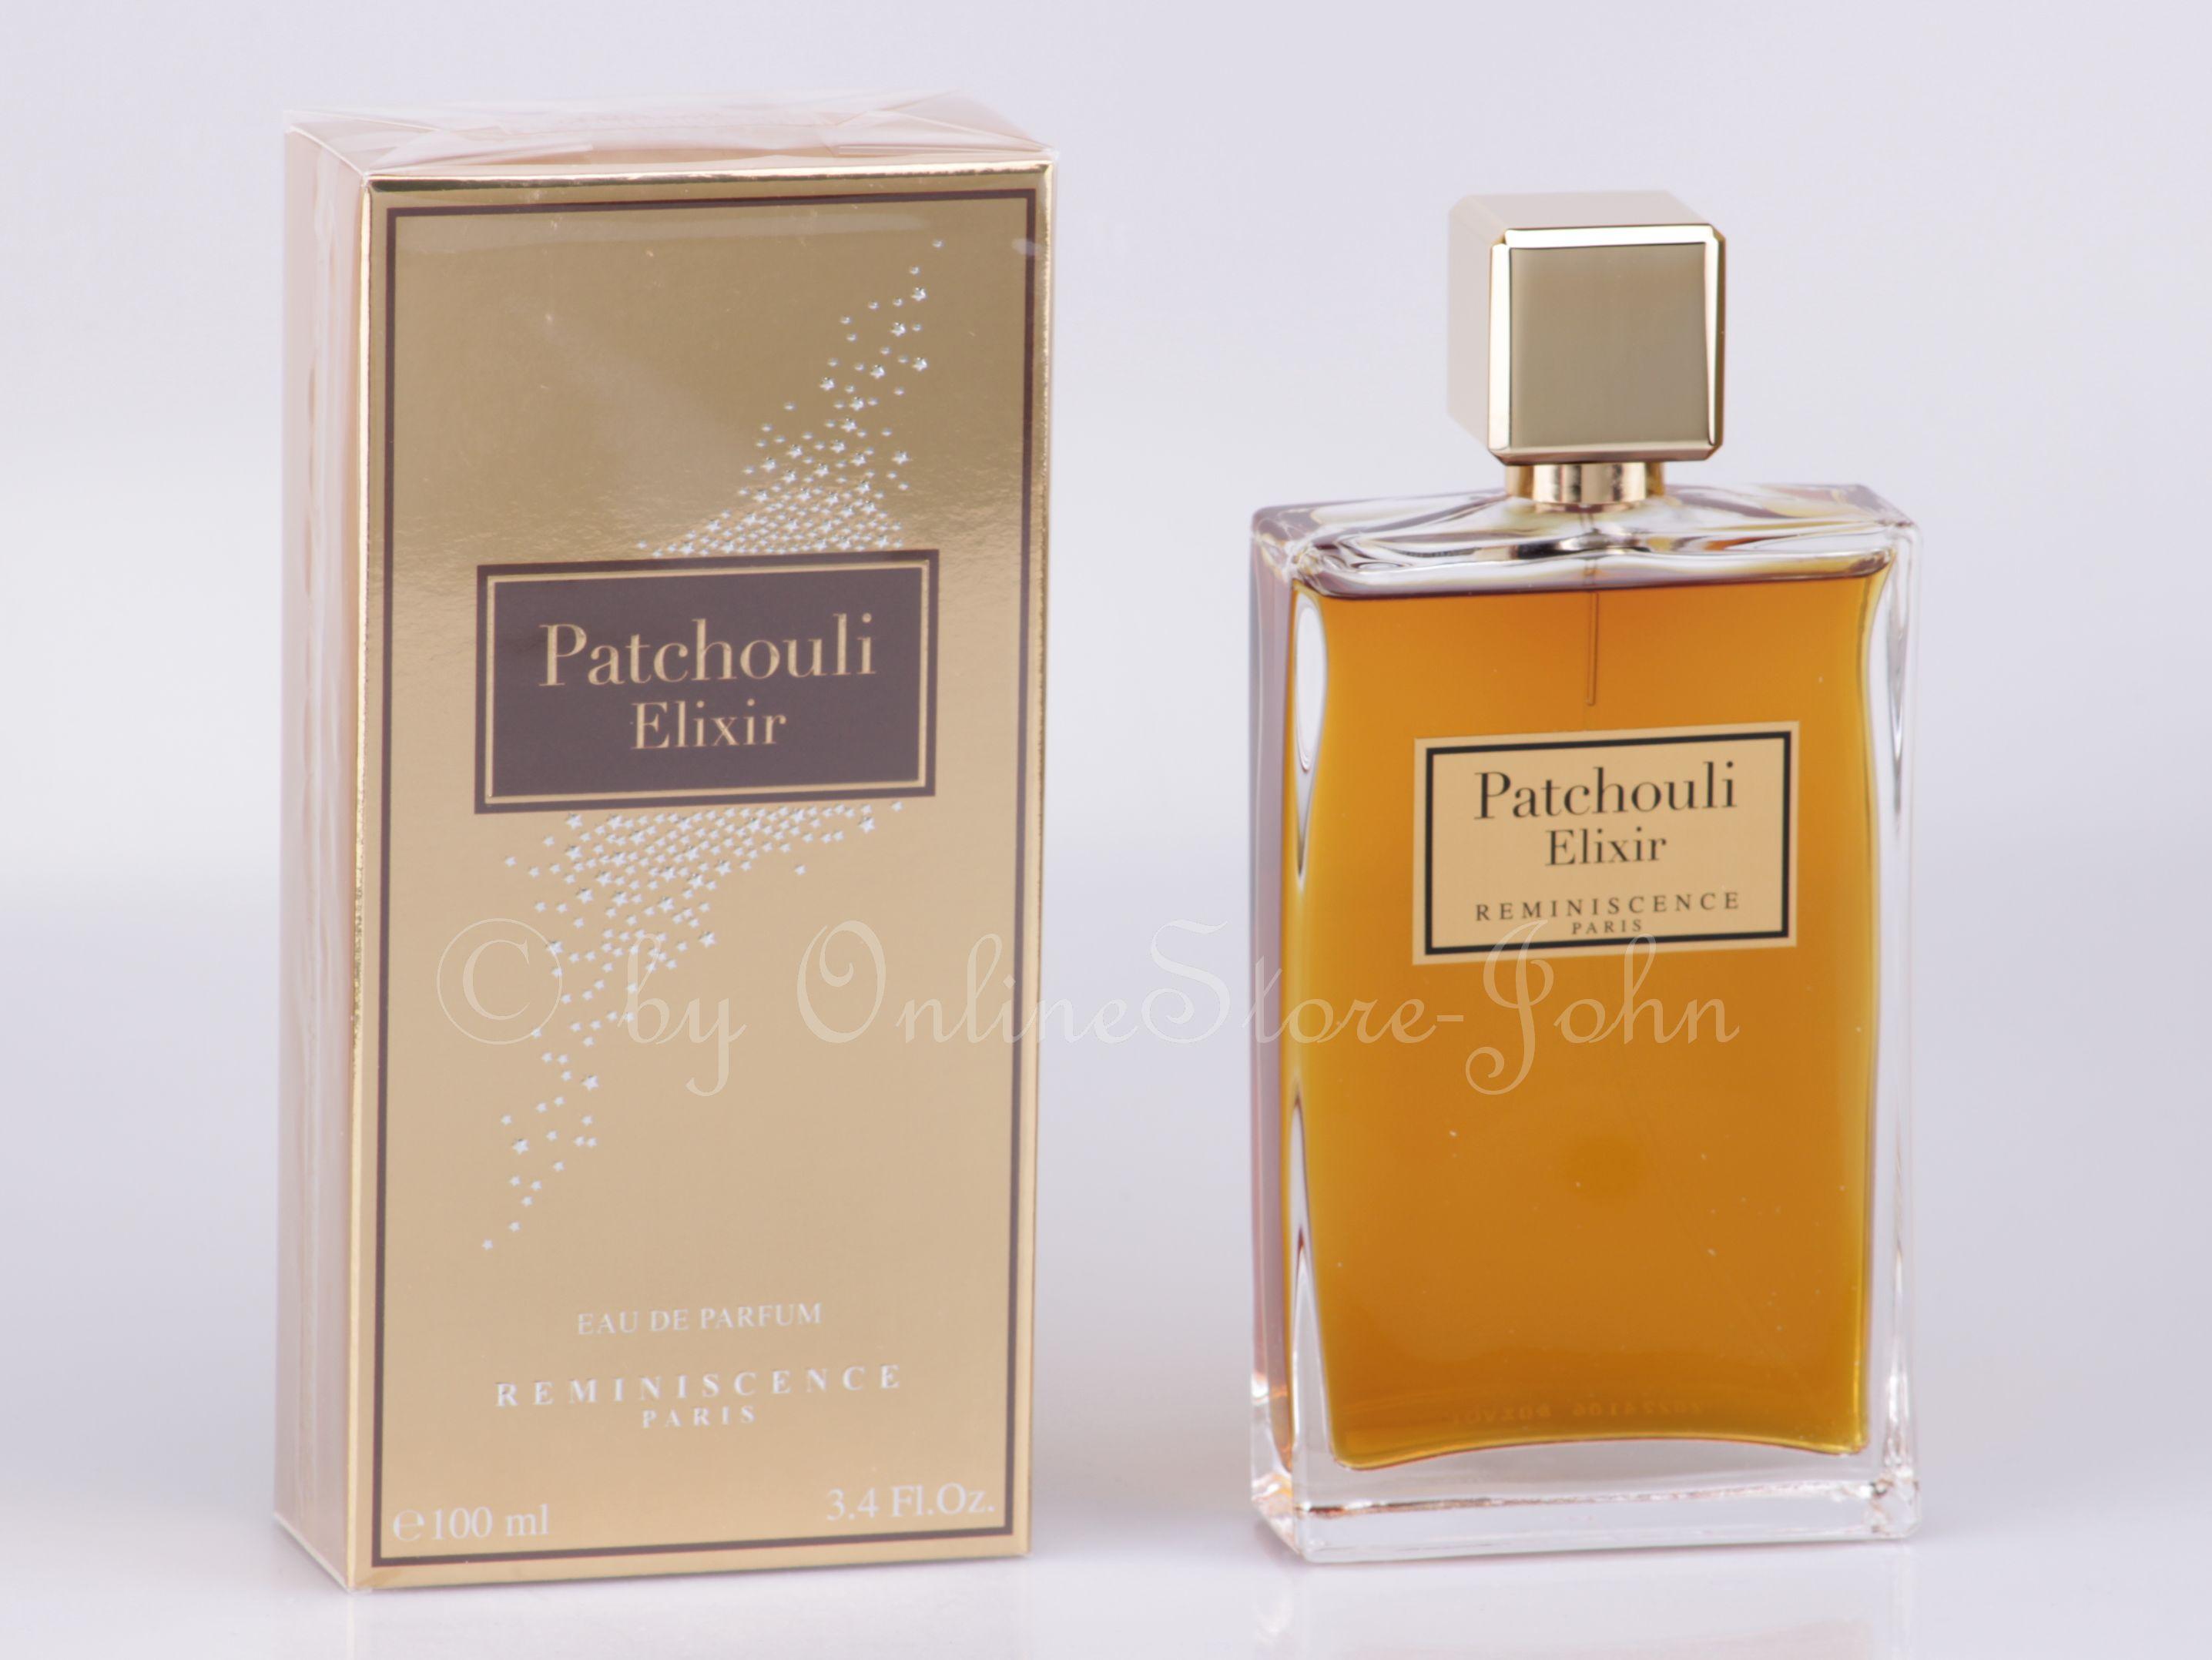 parfum patchouli reminiscence